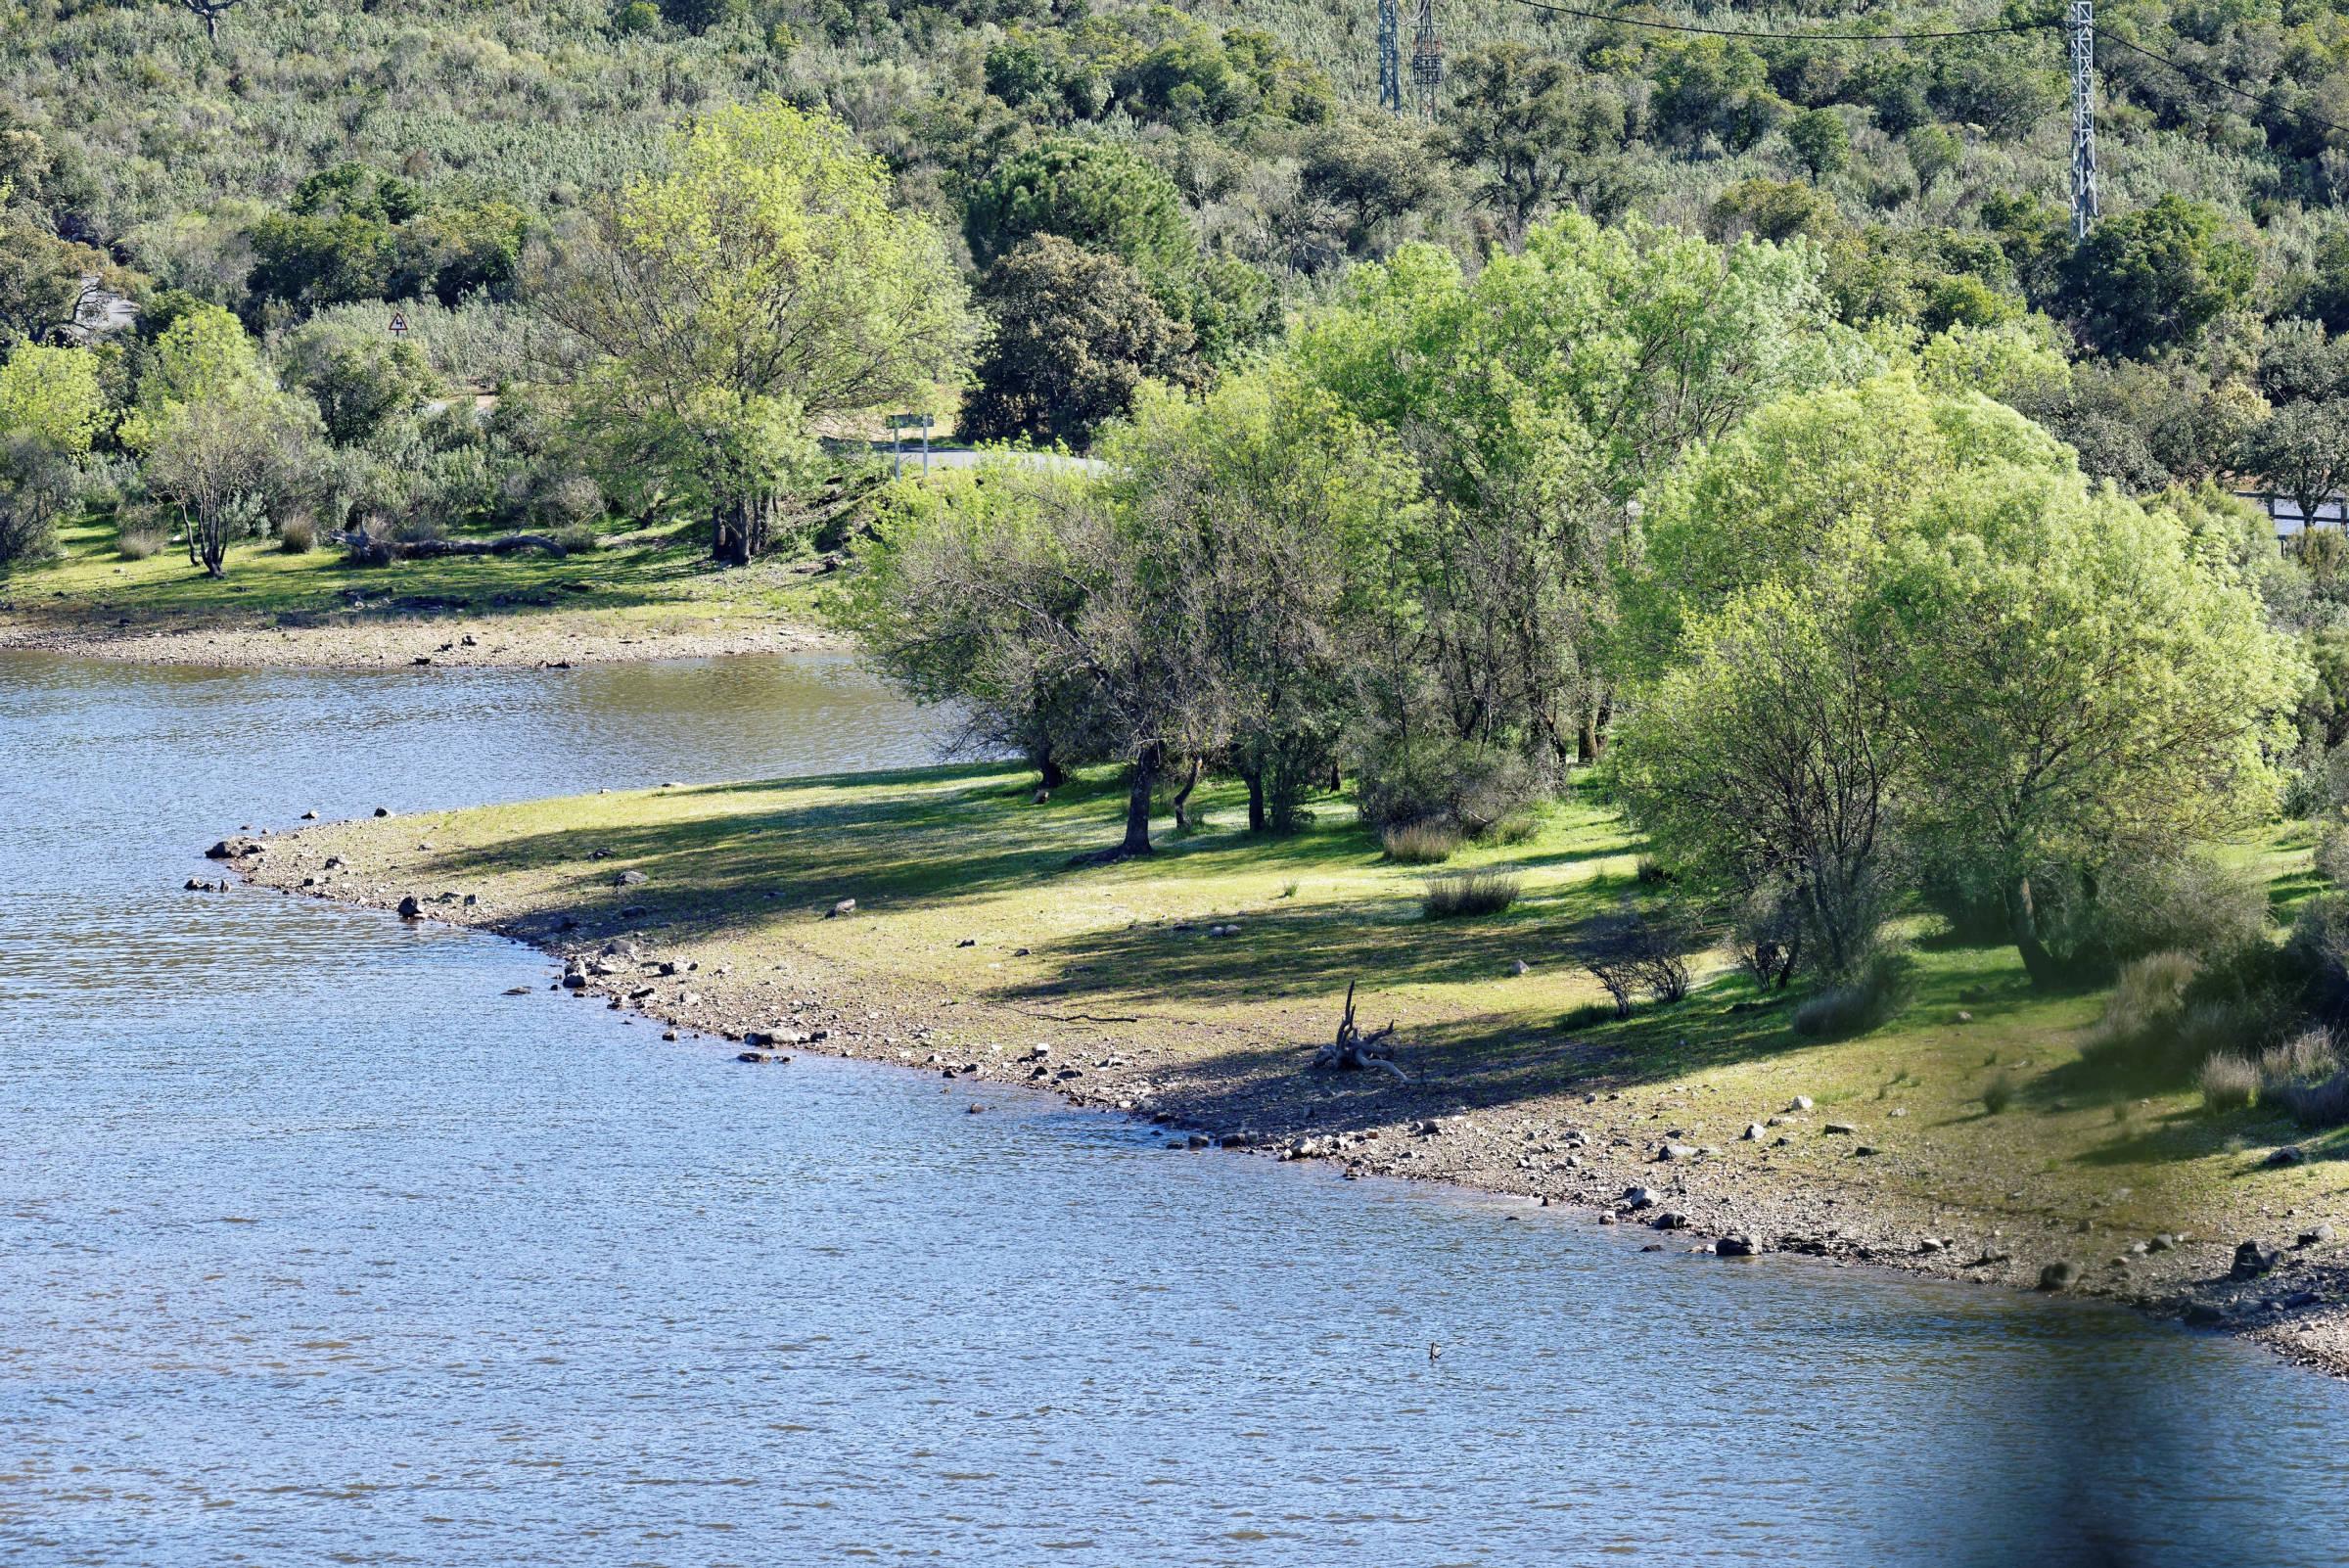 160405-parc national de monfrague (Estremadure) (132)